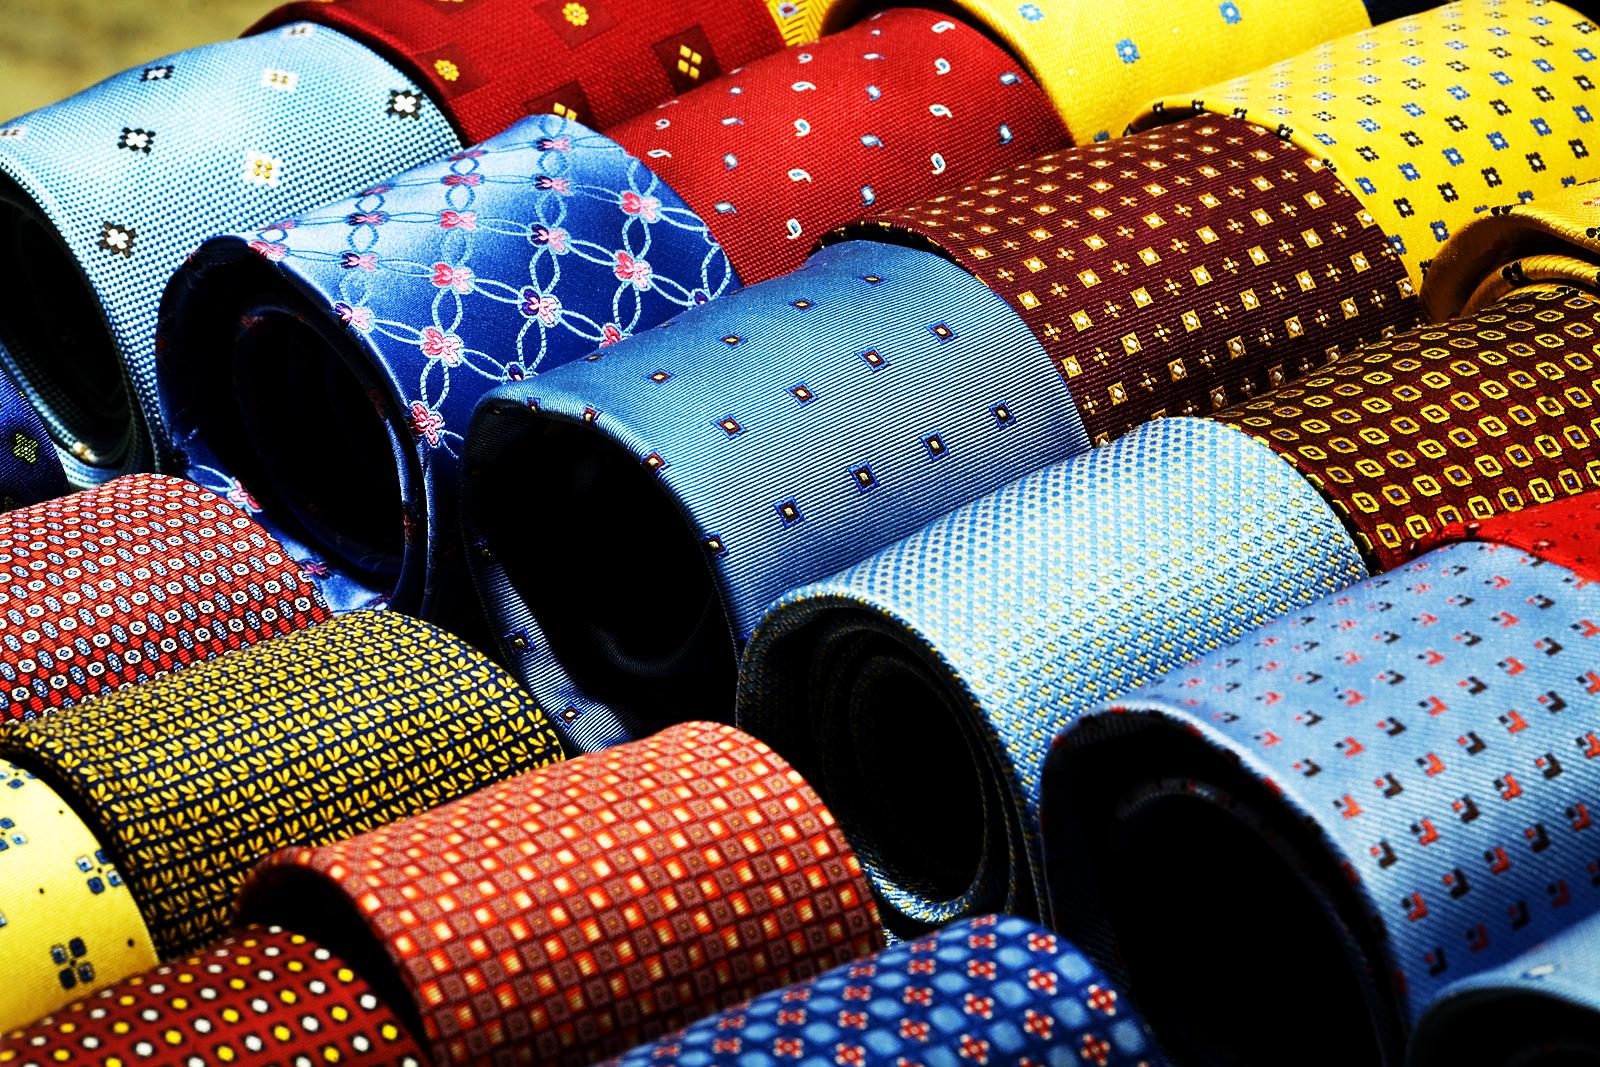 Pozor! Kravaty mají různé vzory, barvy, délky i šířky. Vybírejte pečlivě.